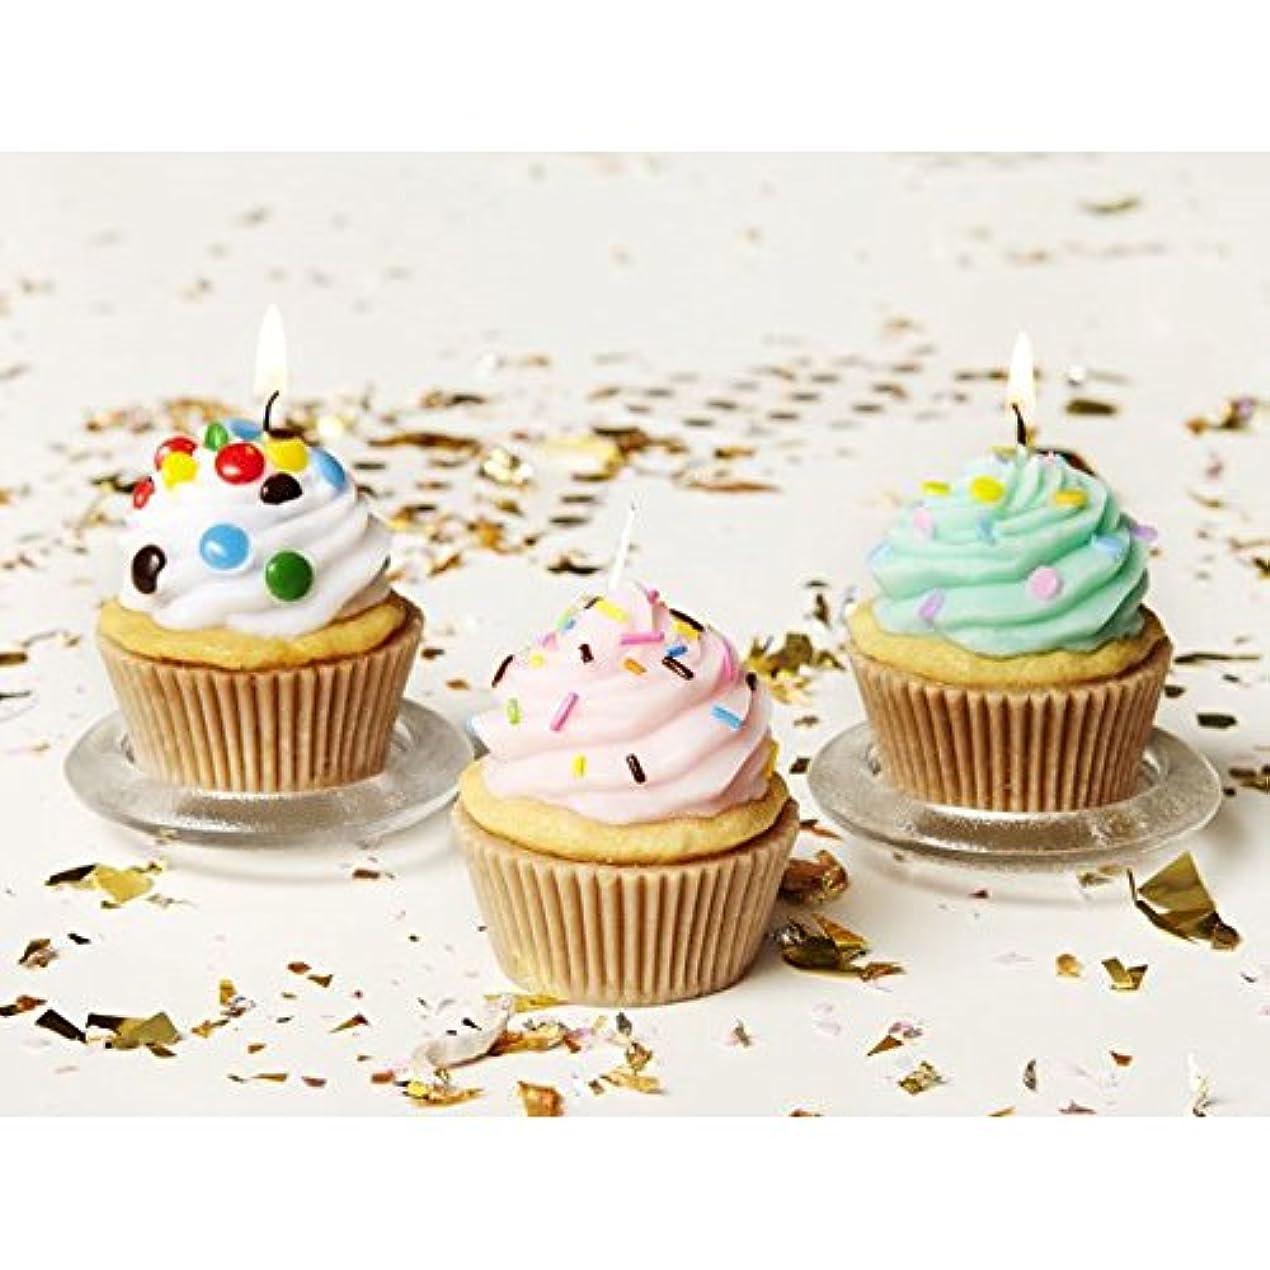 ゼロレシピヘビーカメヤマキャンドルハウス:アメリカンカップケーキキャンドル アソート(6個セット)